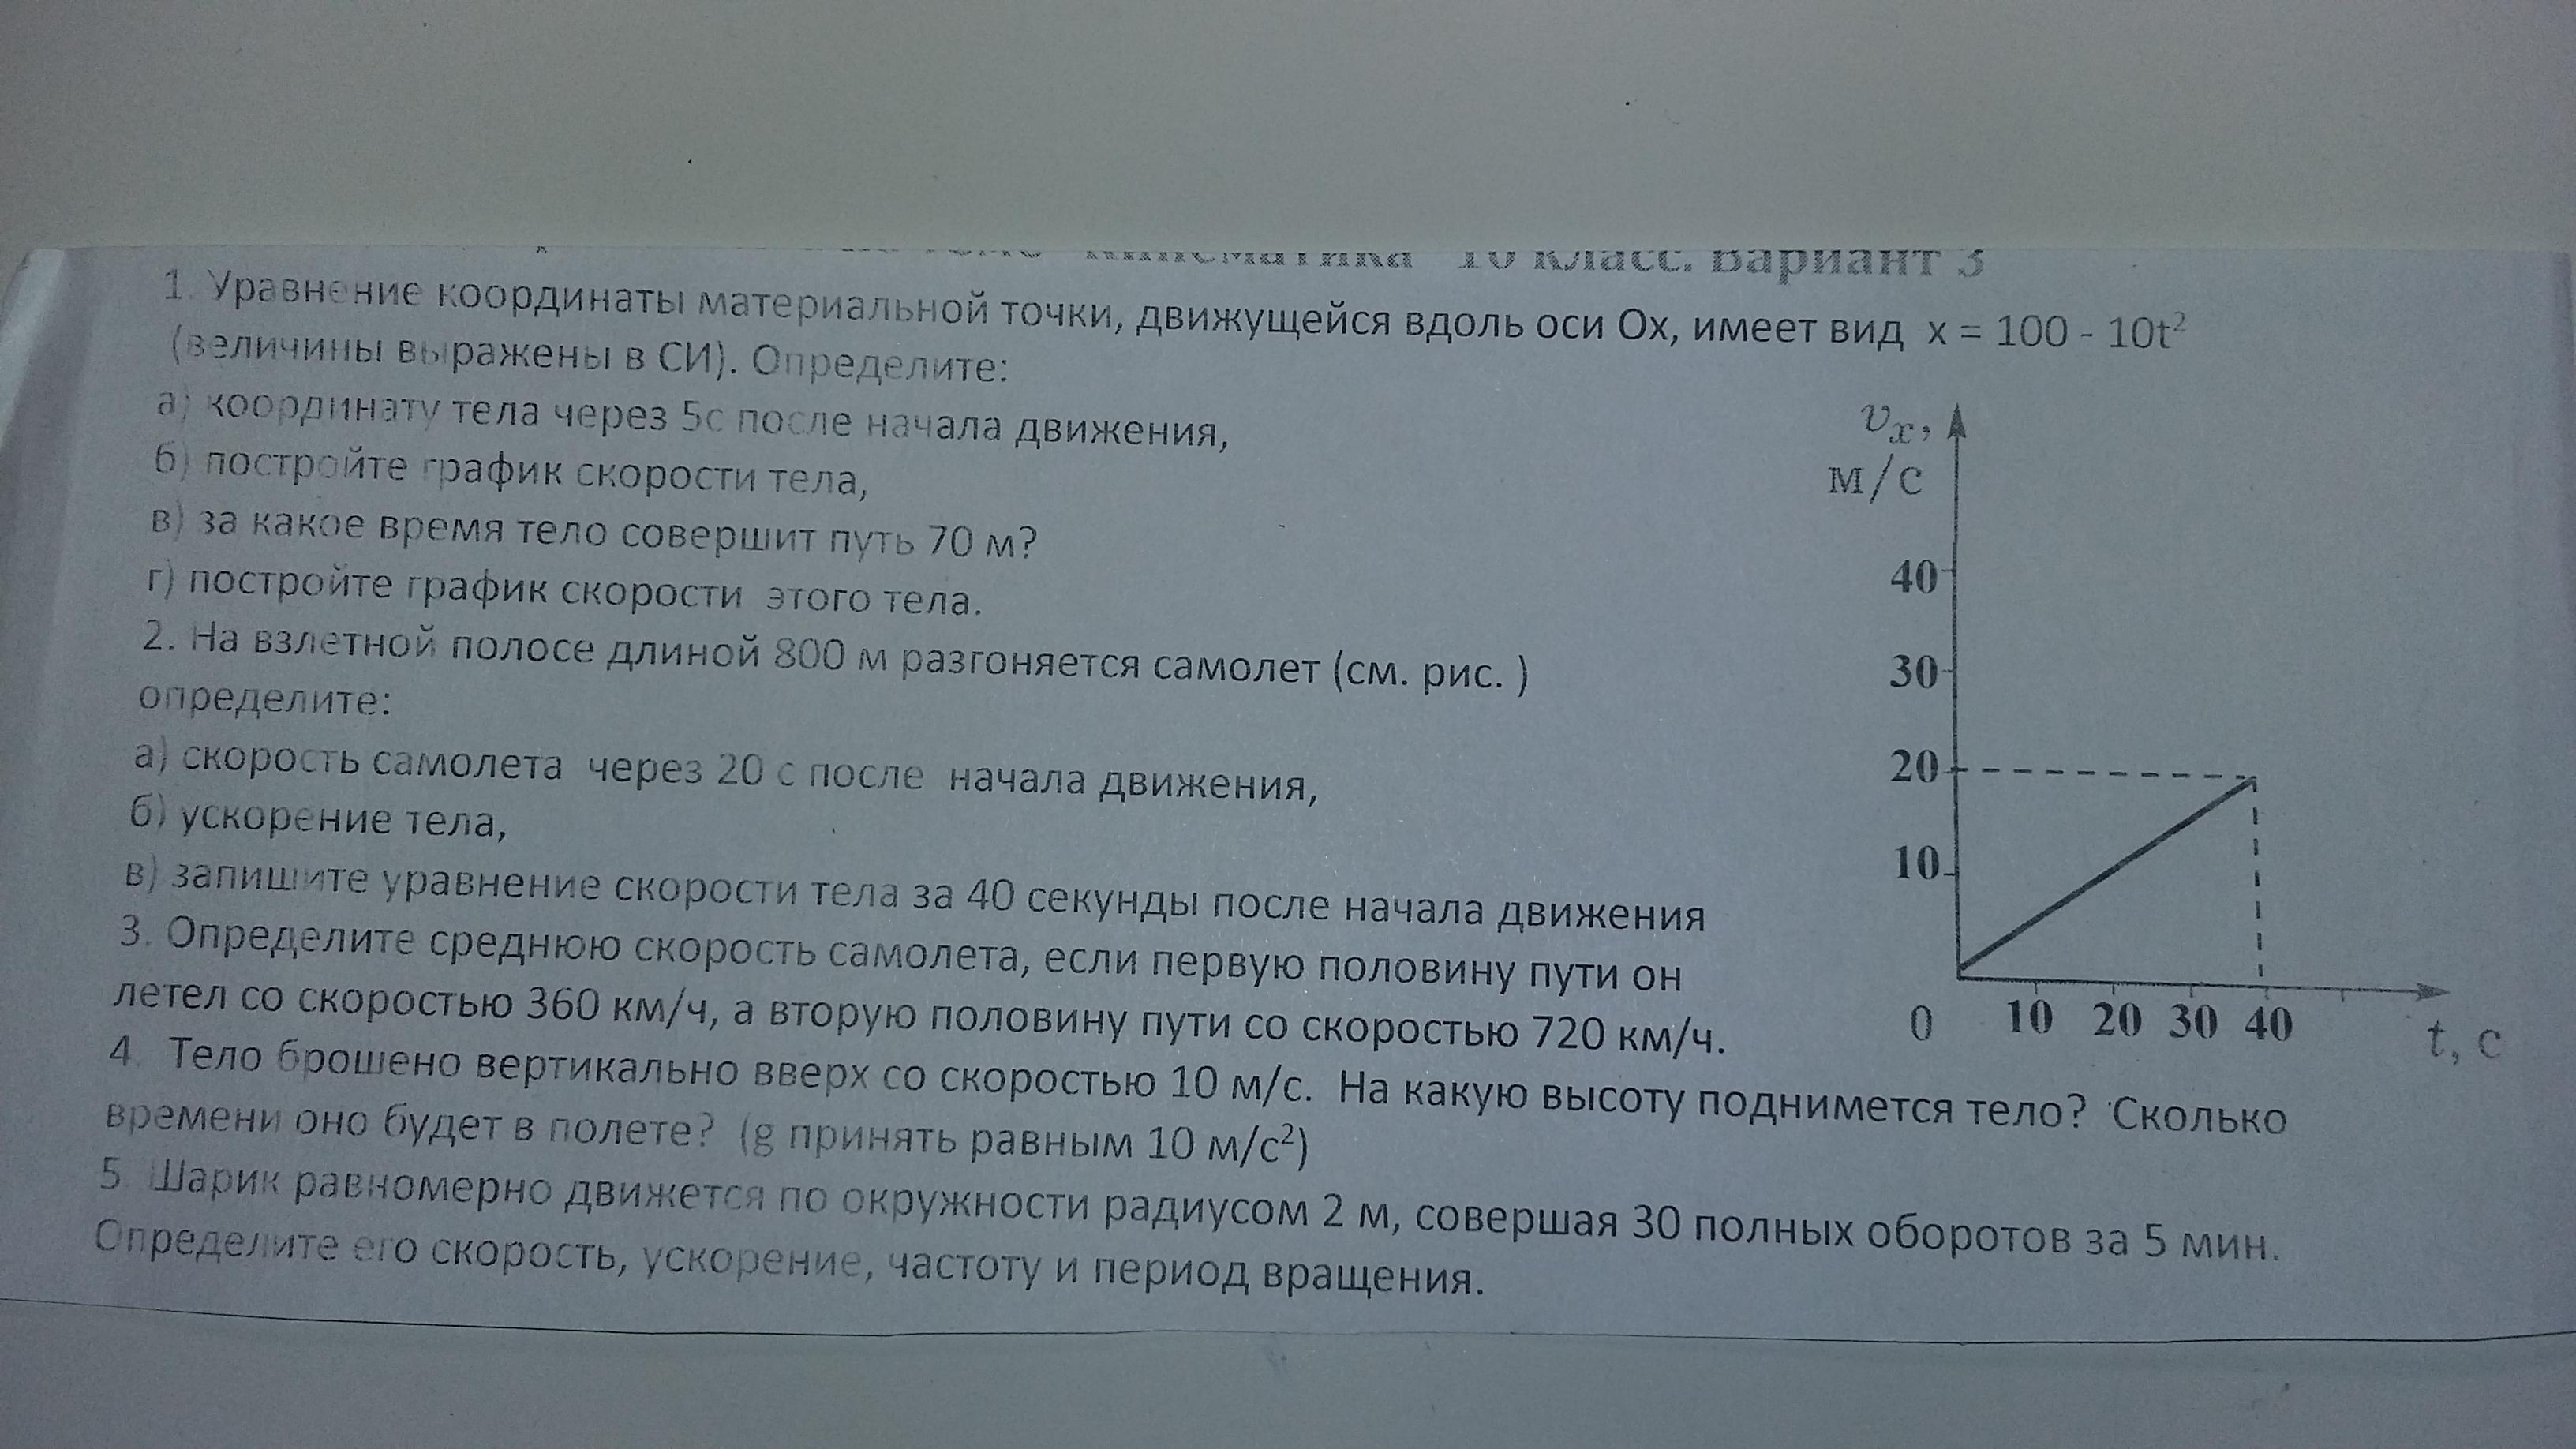 уравнение координаты материальной точки имеет вид х